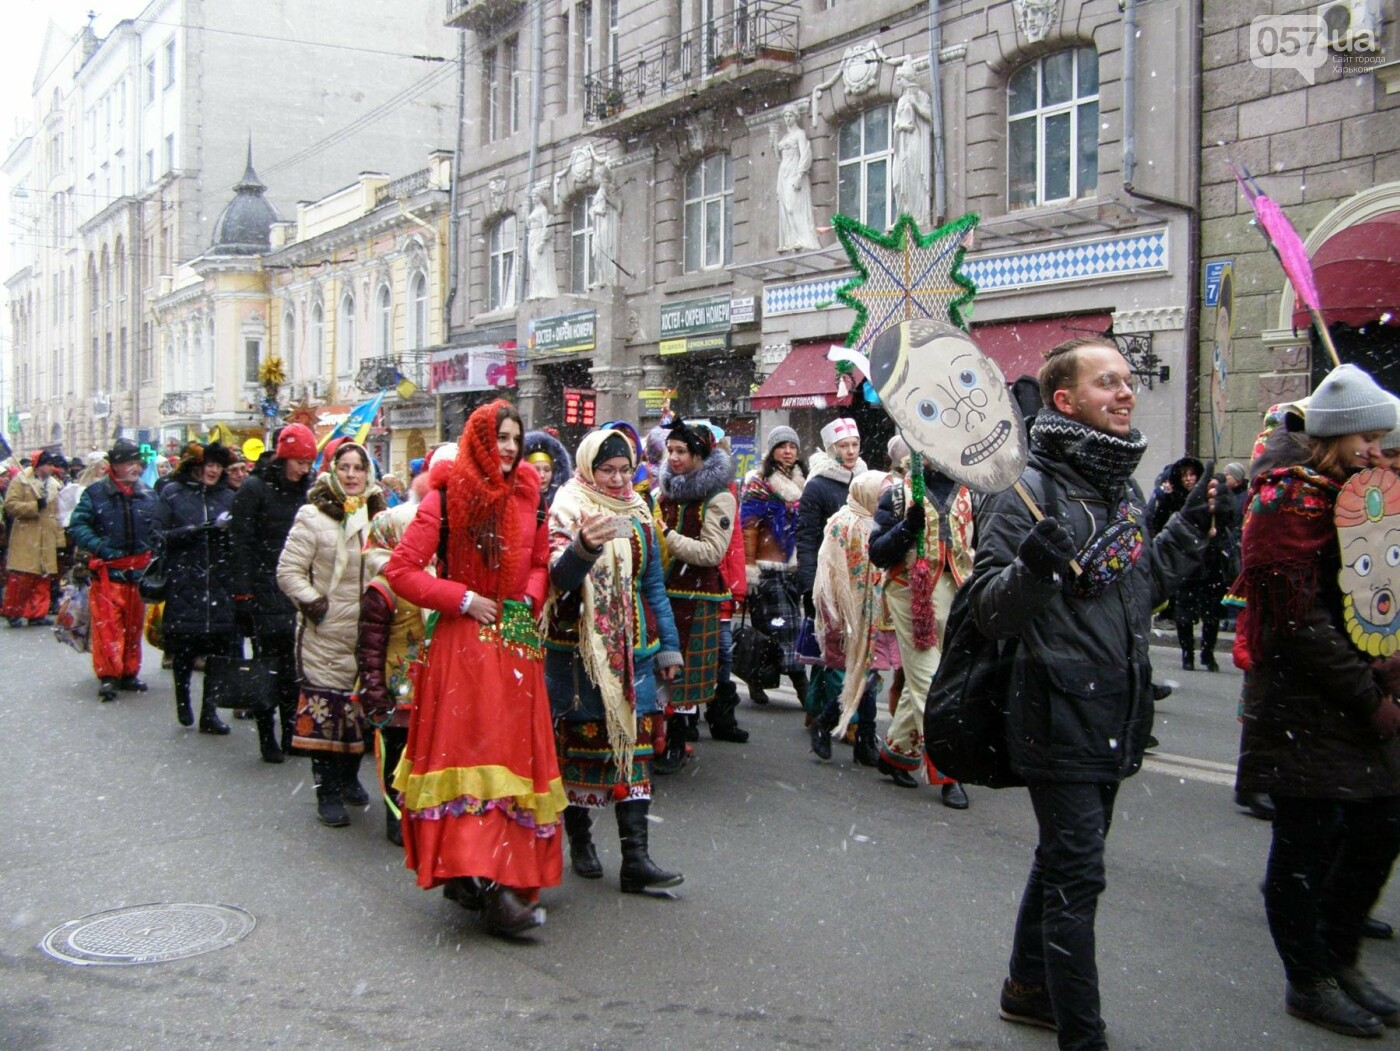 Харьков заполонили ангелы, козы и черти: в городе прошел масштабный фестиваль вертепов (ФОТО), фото-13